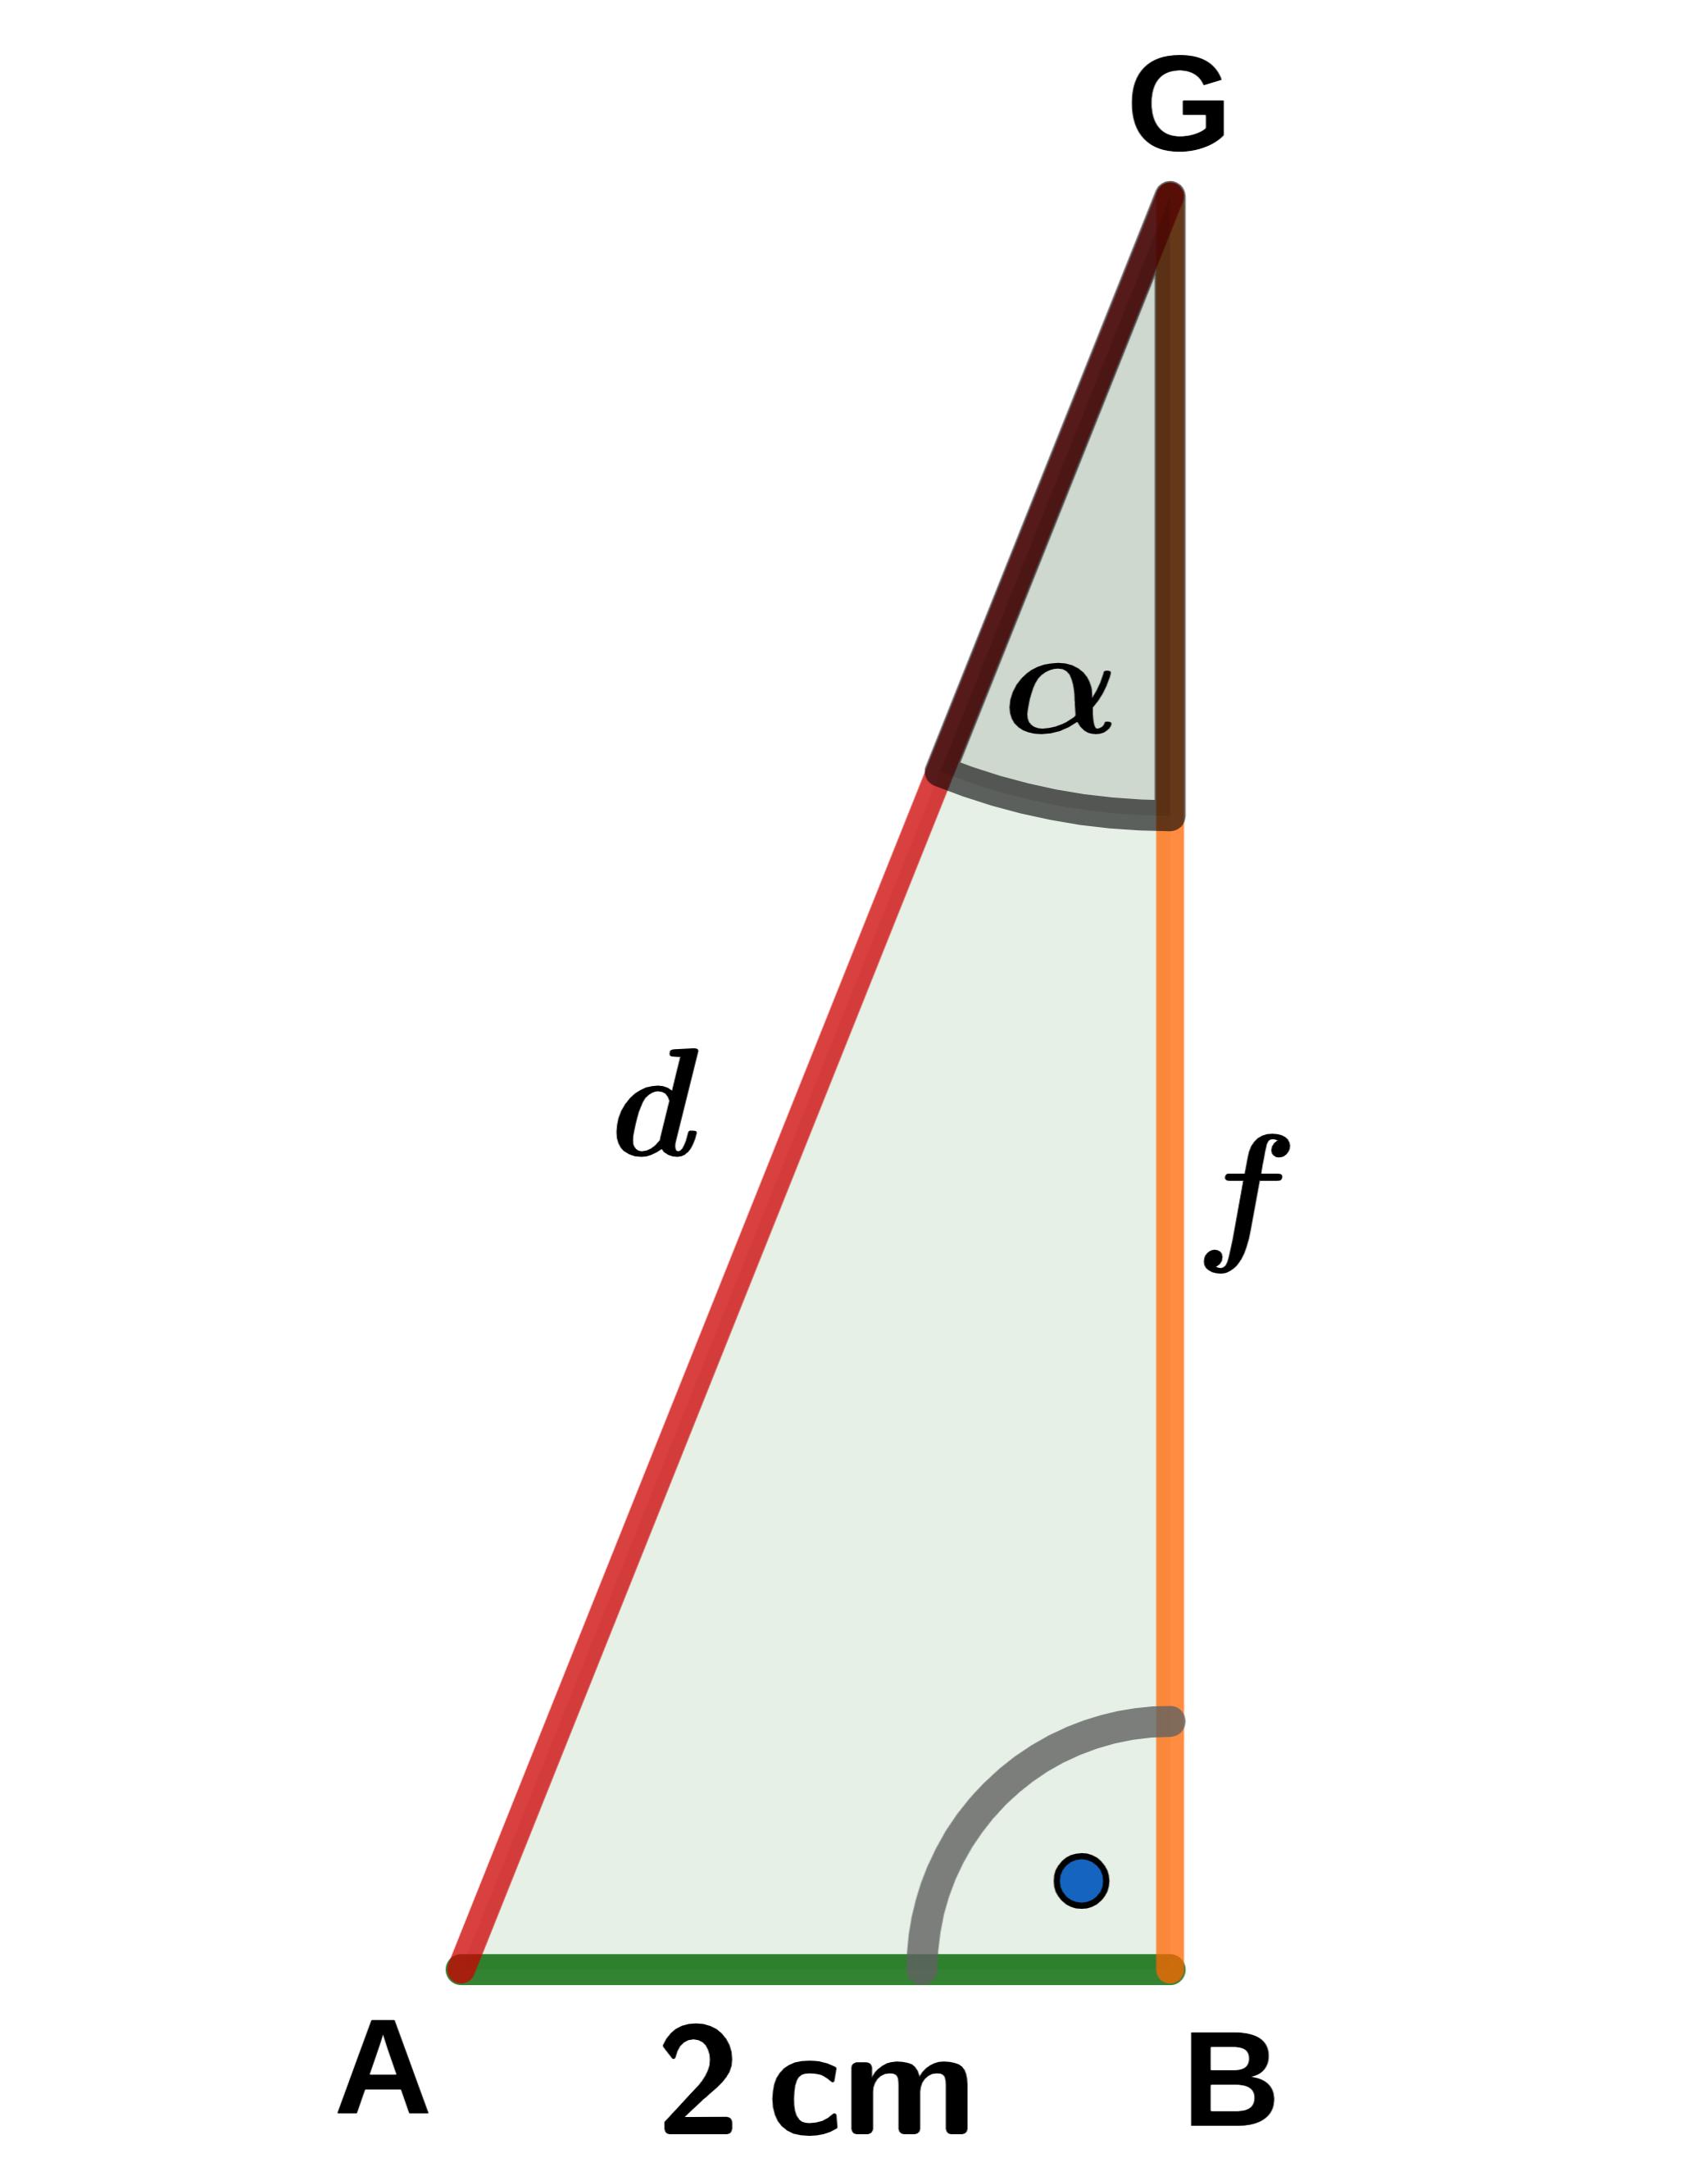 Skizze zur Aufgabe: Dreieck aus Kante, Flächendiagonale und Raumdiagonale